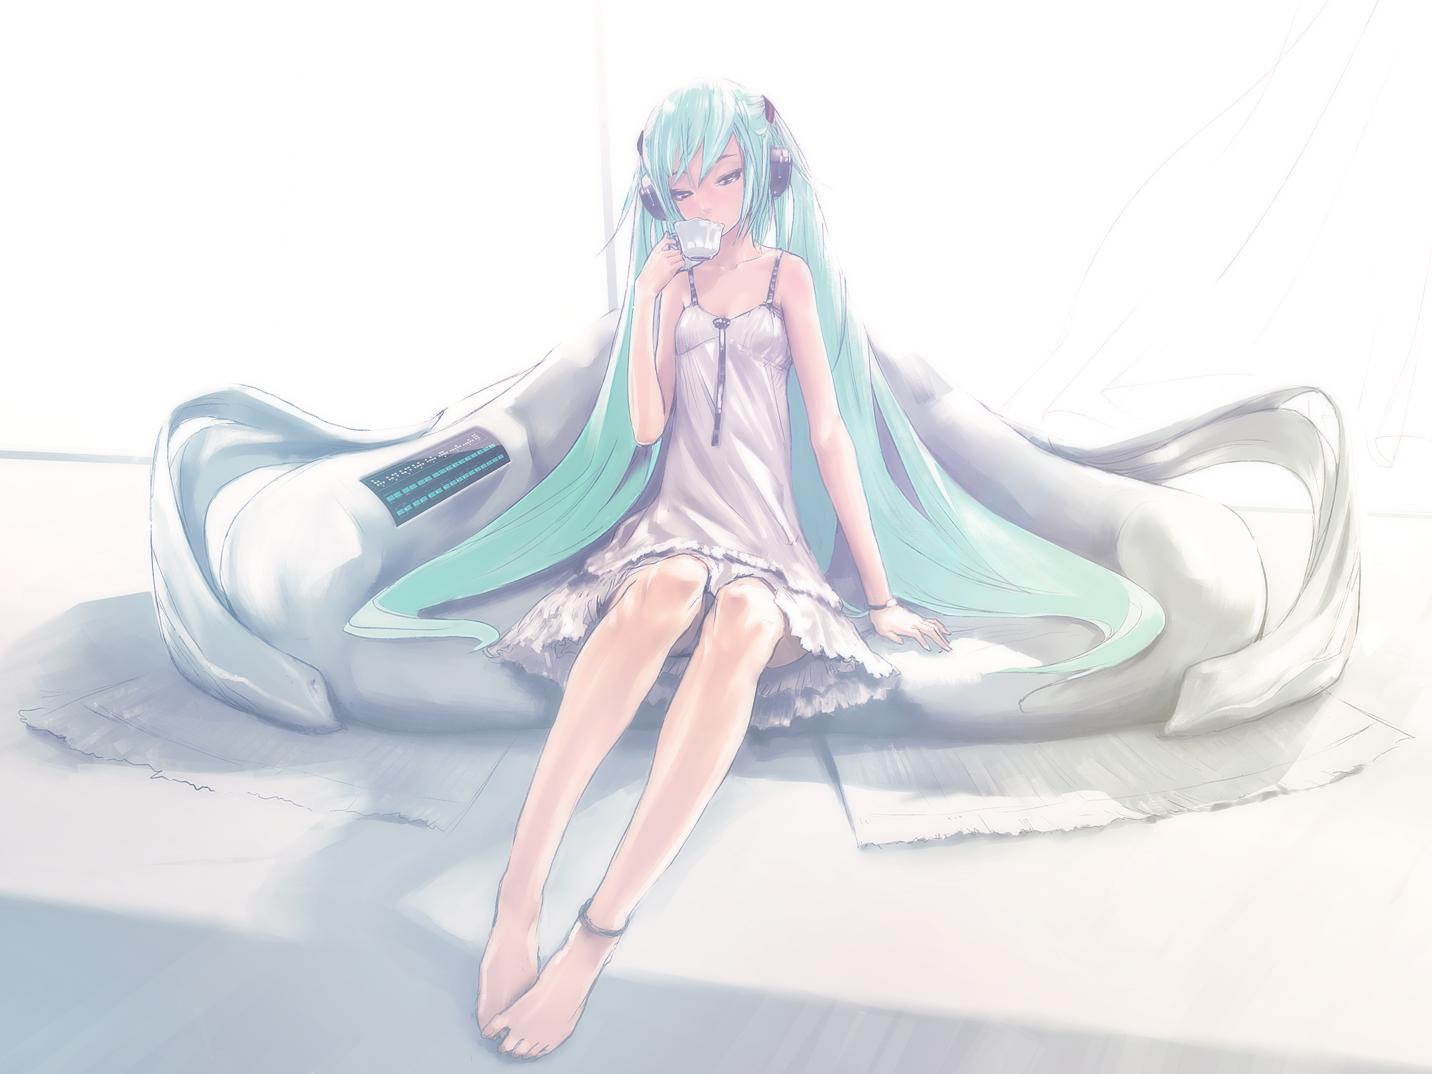 Last Night, Good Night | Vocaloid Wiki | FANDOM powered by Wikia